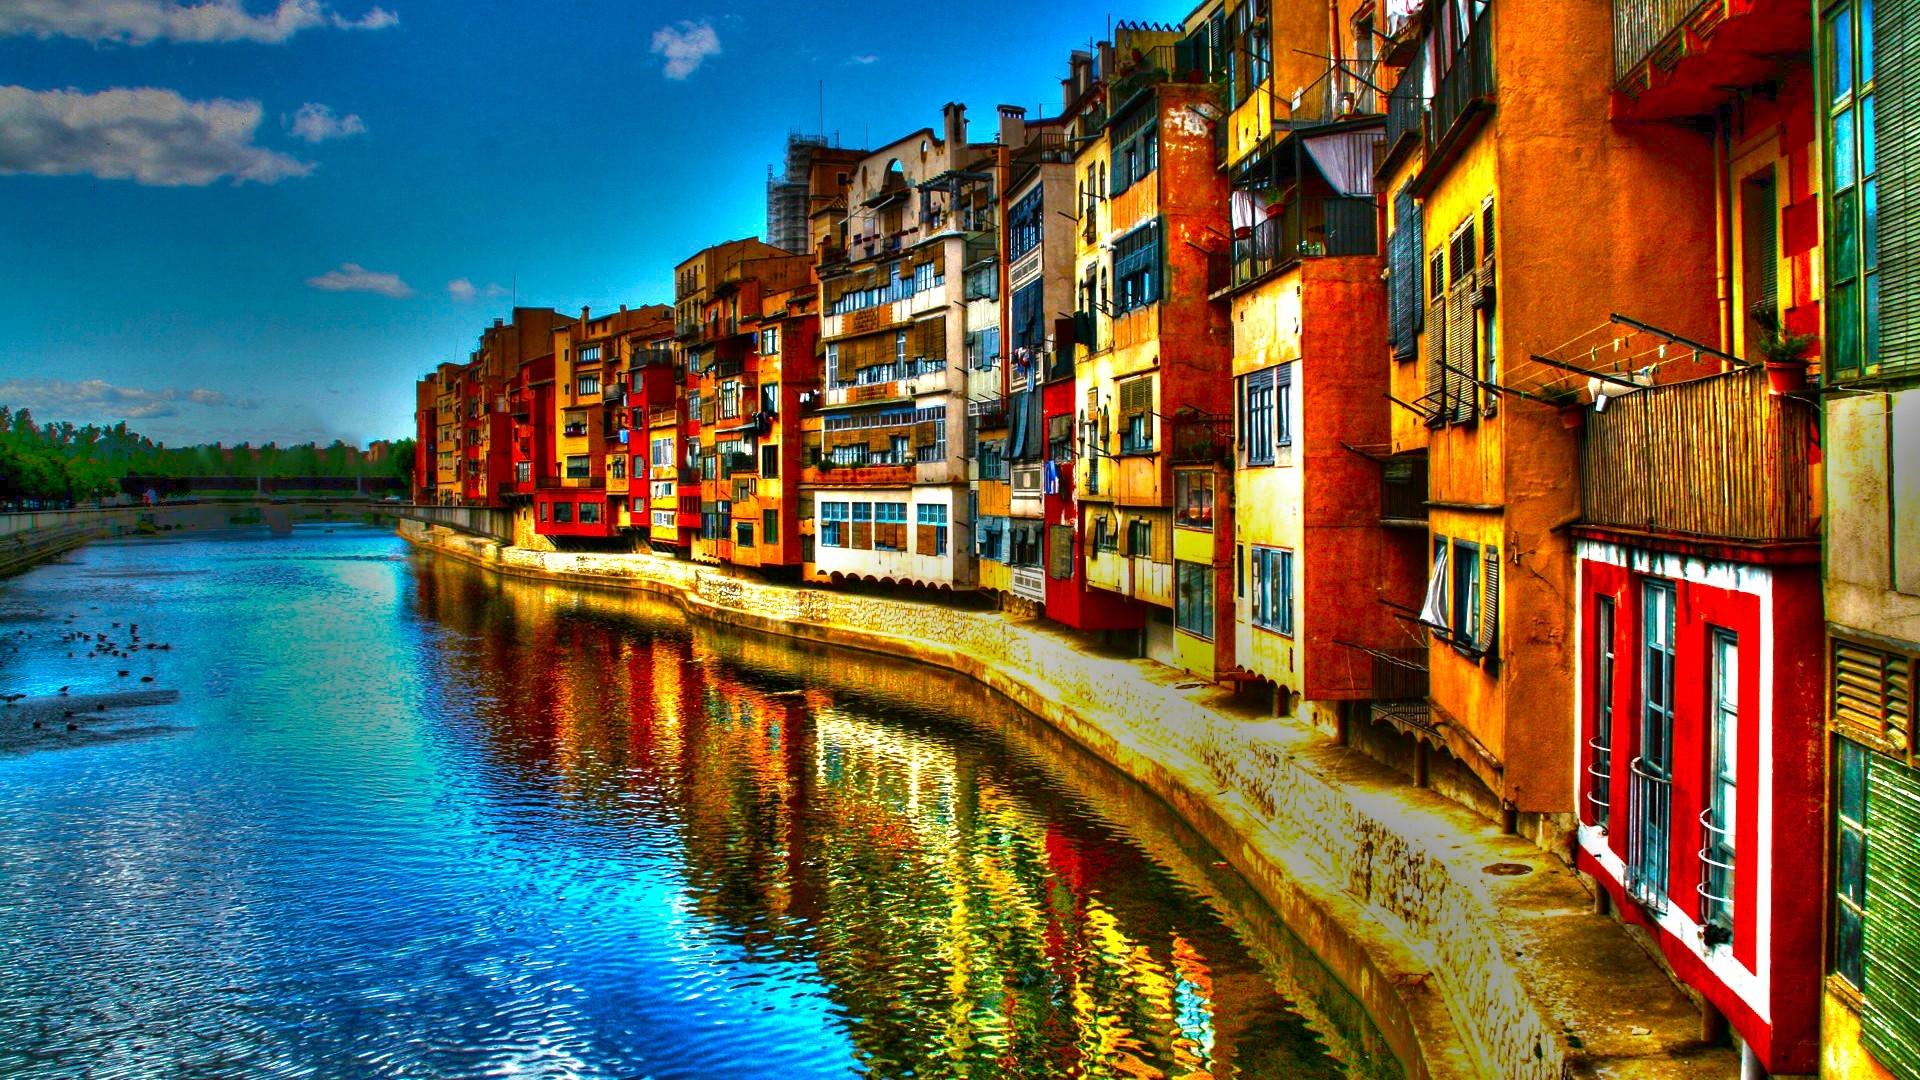 Hd wallpaper river - Apartment Inside River Hd Desktop Wallpaper Hd Desktop Wallpaper